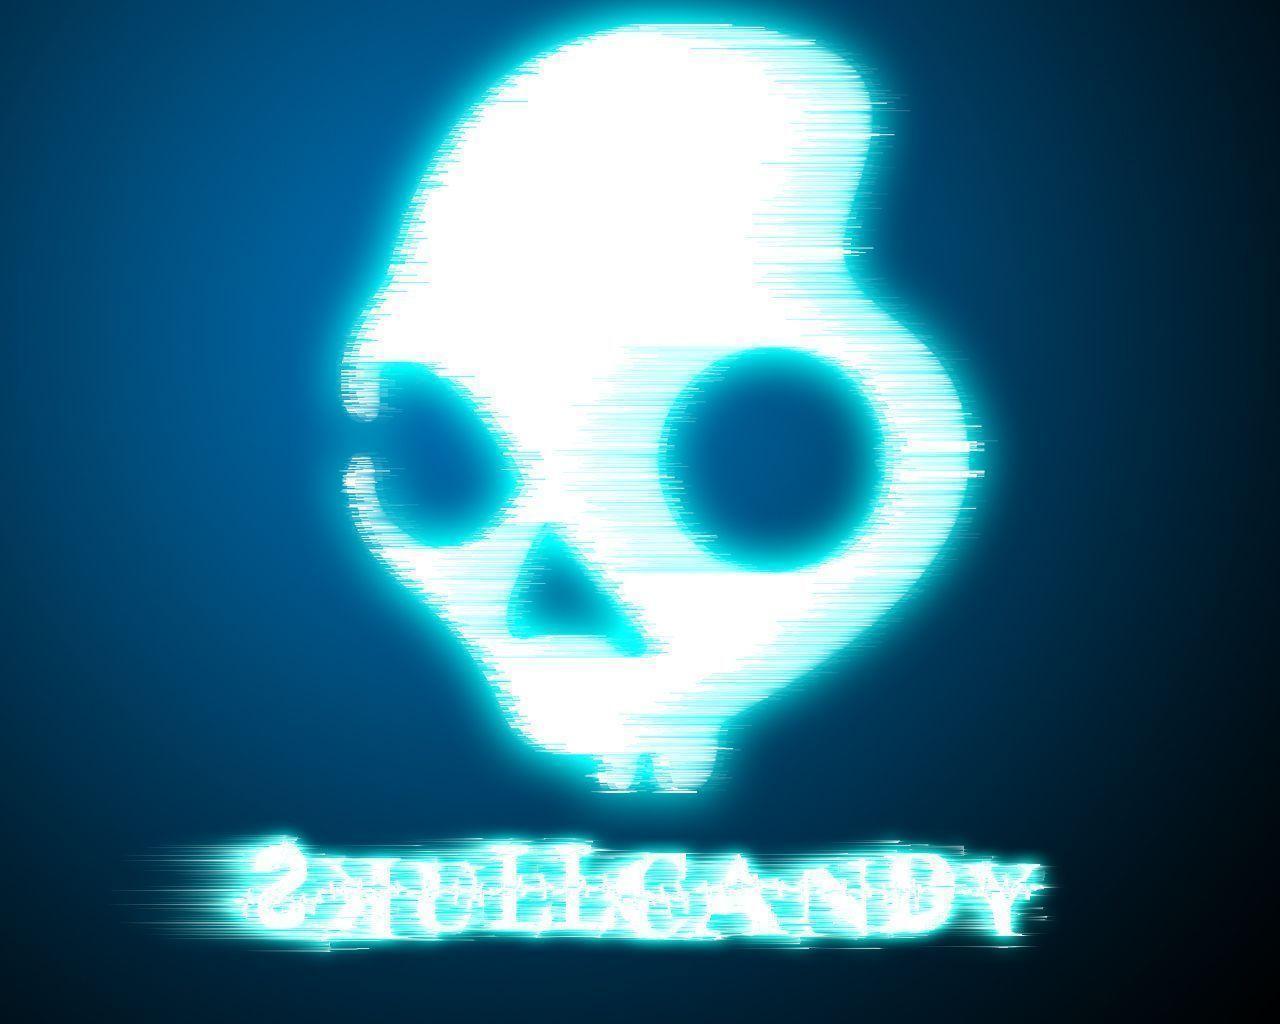 skullcandy logo wallpaper - photo #11